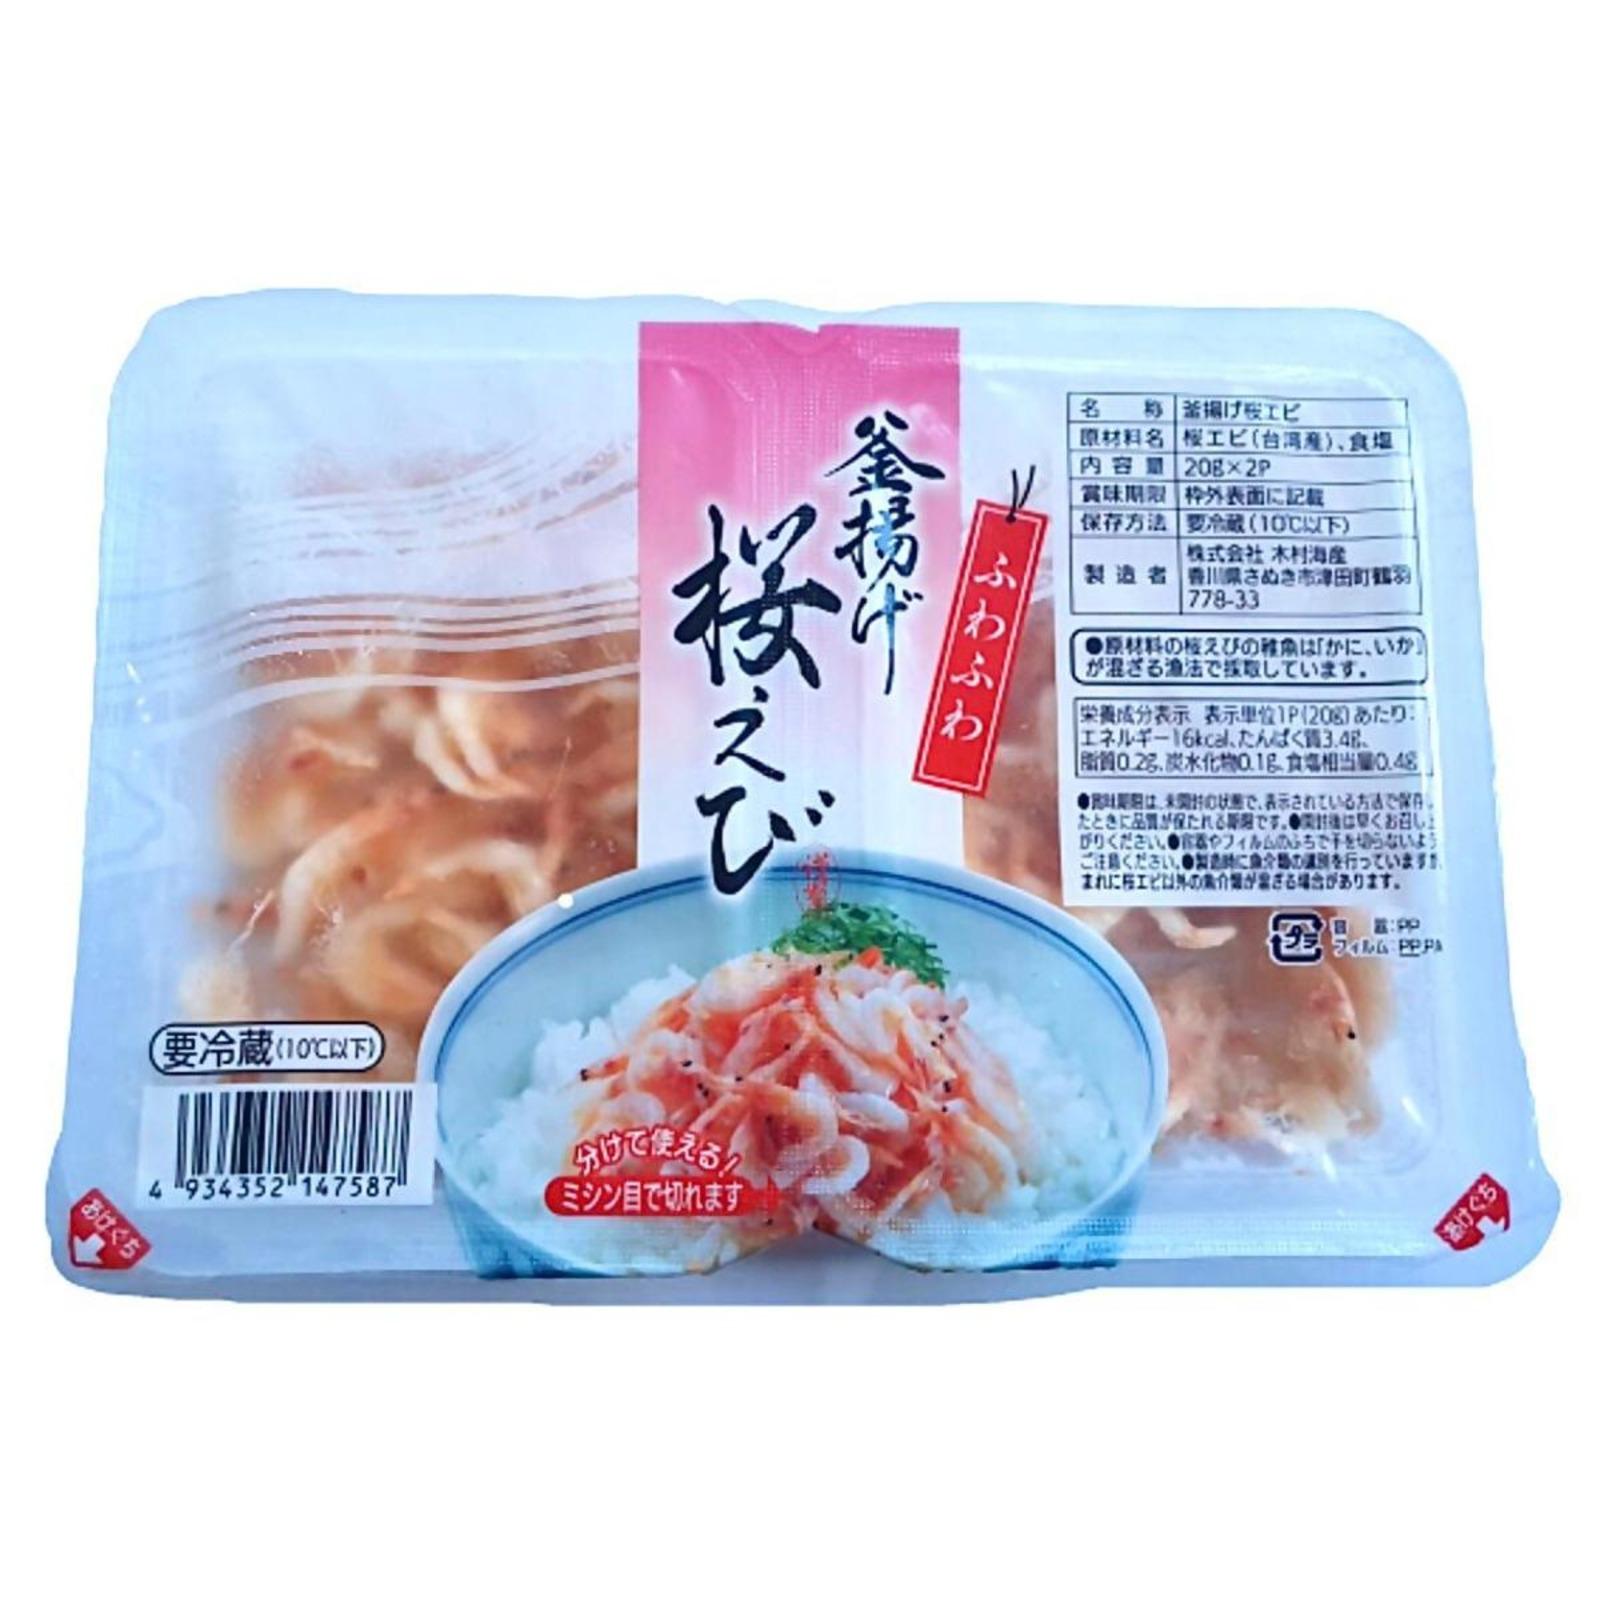 Kirei Kamaage Sakura Ebi Dried Shrimp